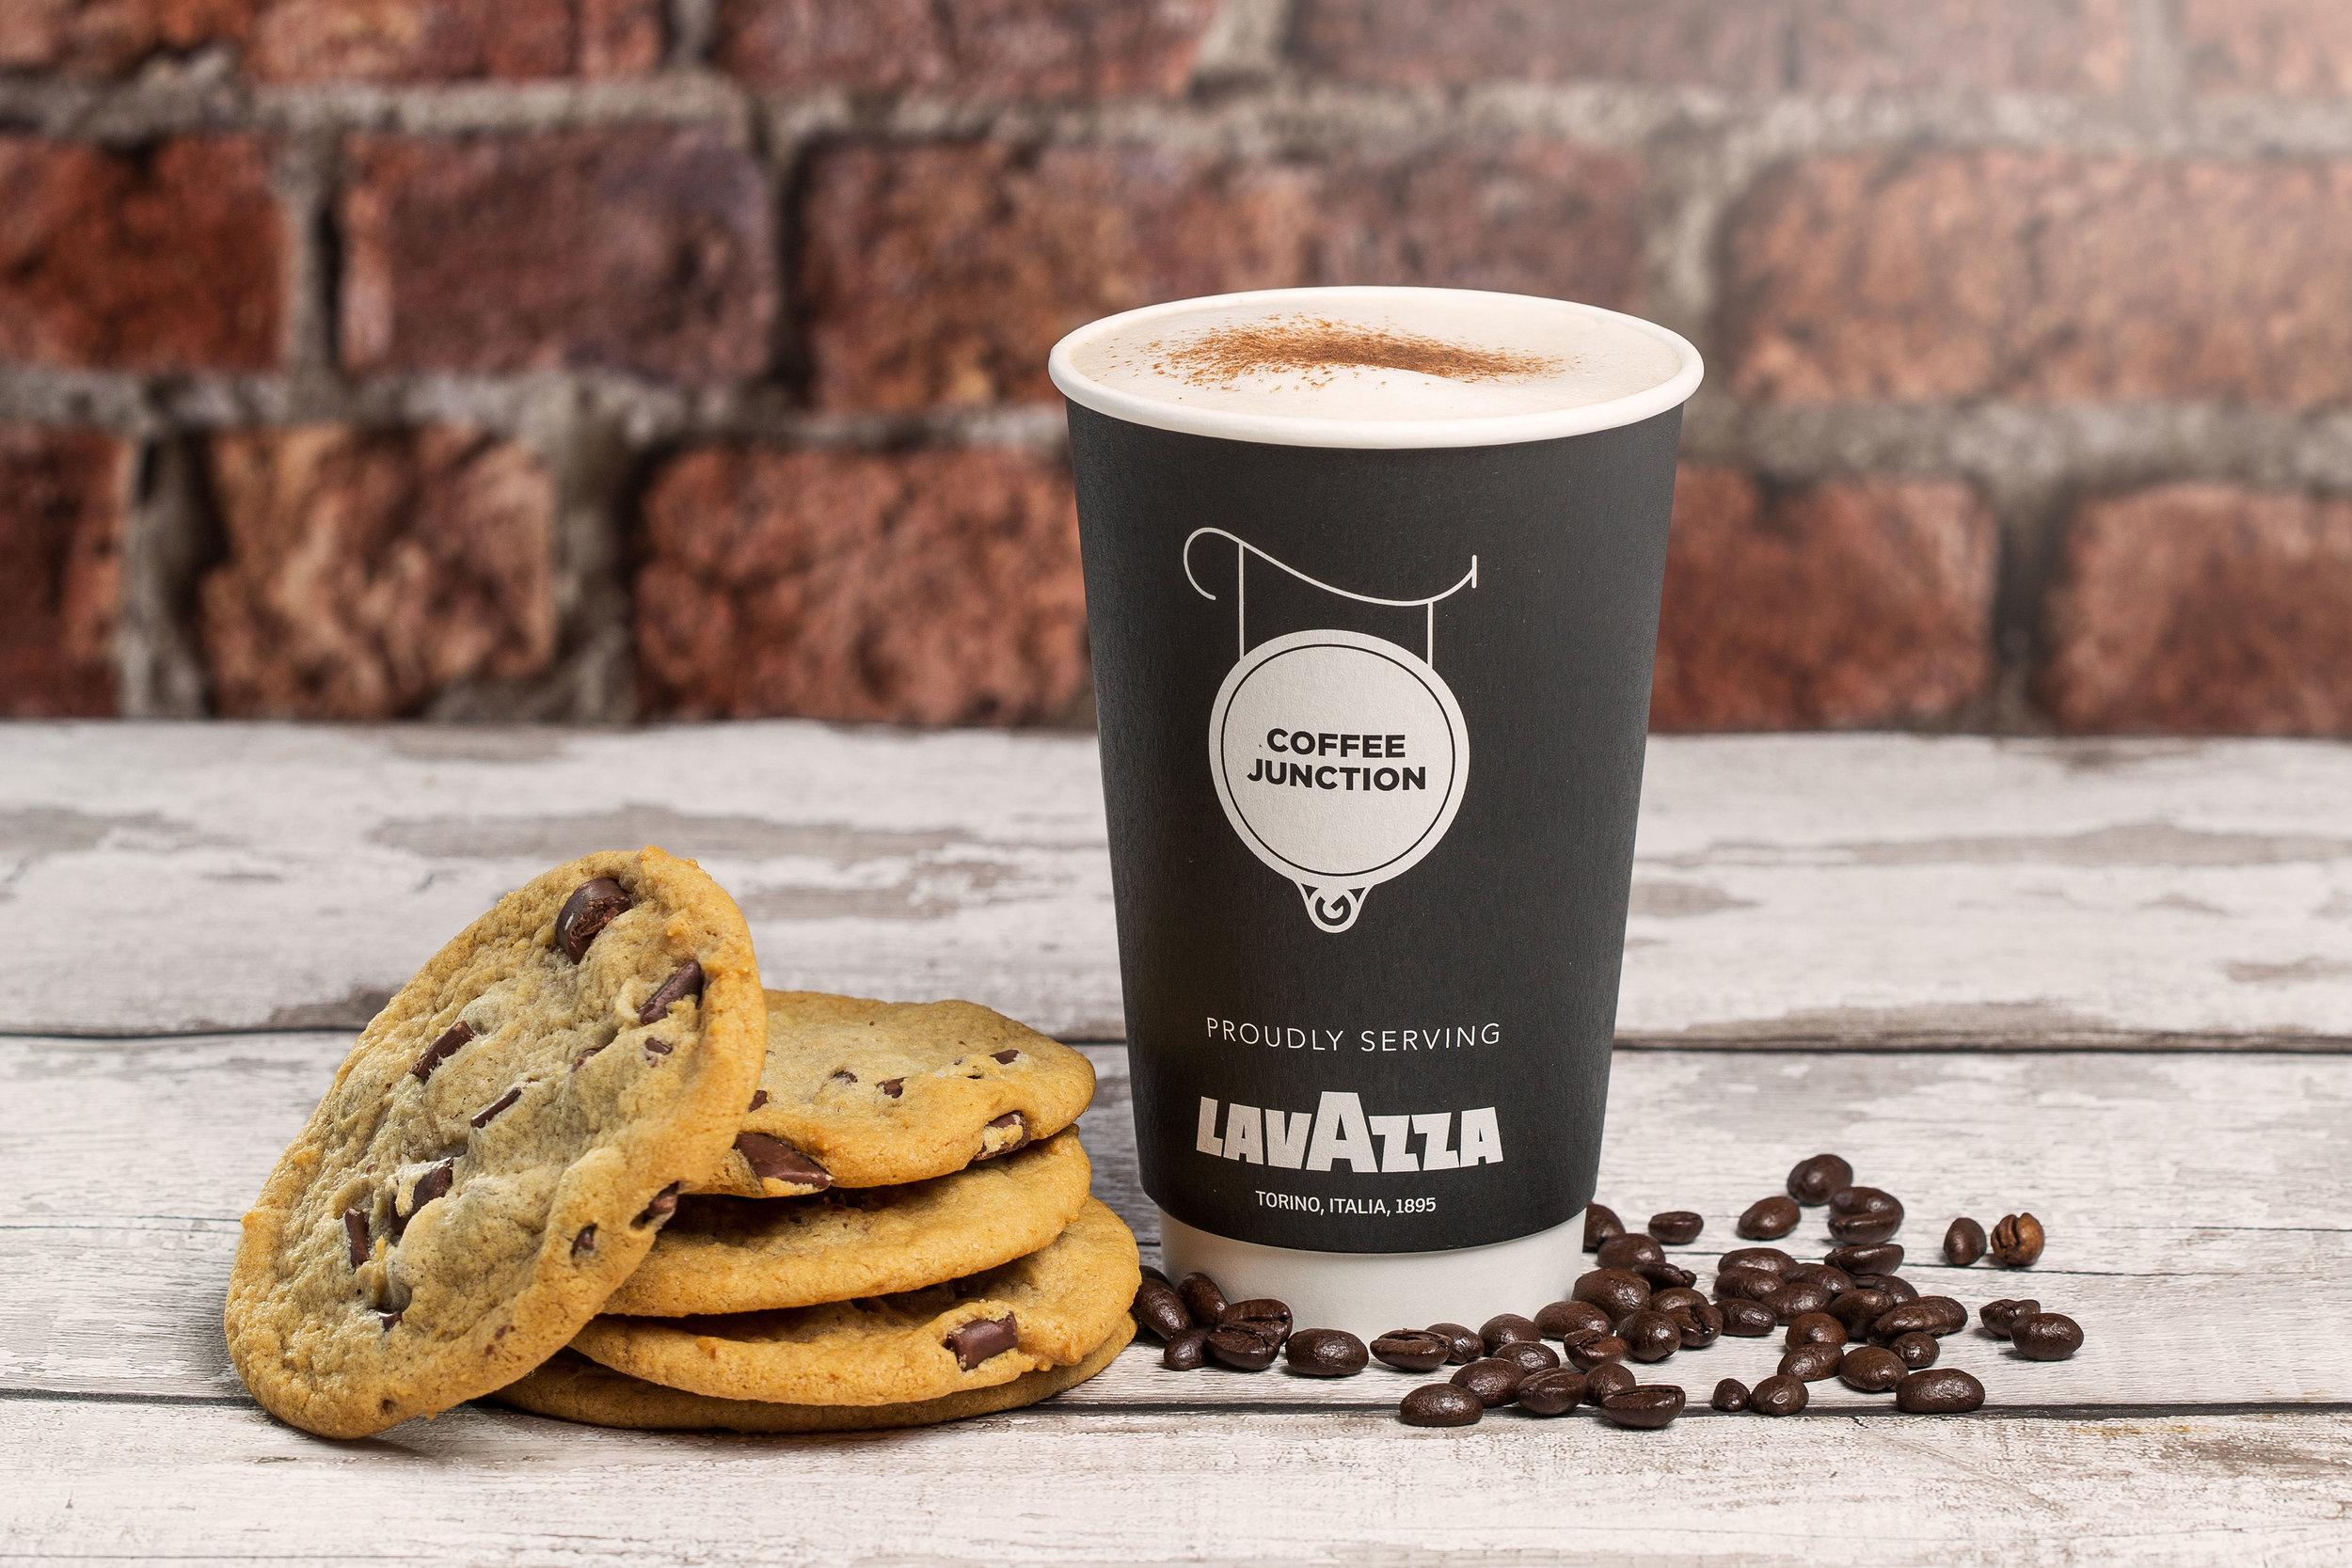 Gala-Coffee-Junction-1.jpg